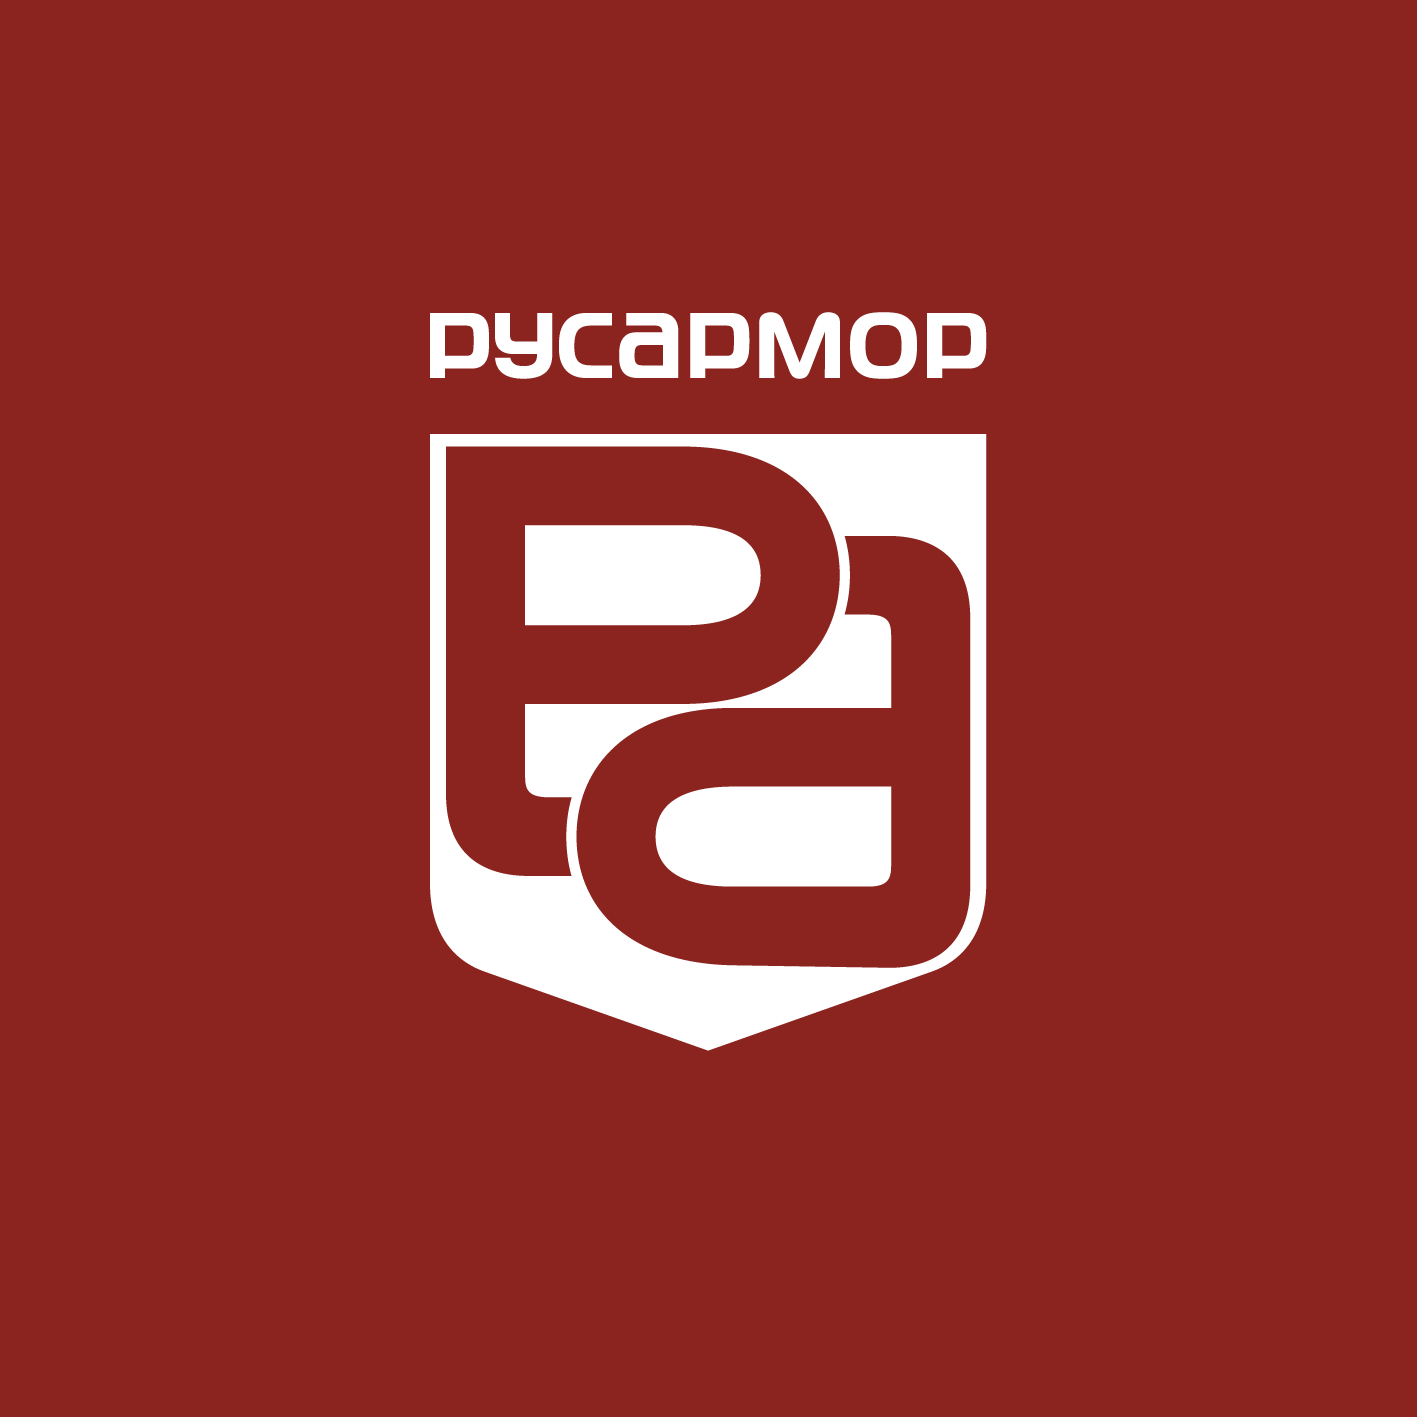 Разработка логотипа технологического стартапа РУСАРМОР фото f_7775a0e1be5aab1d.png